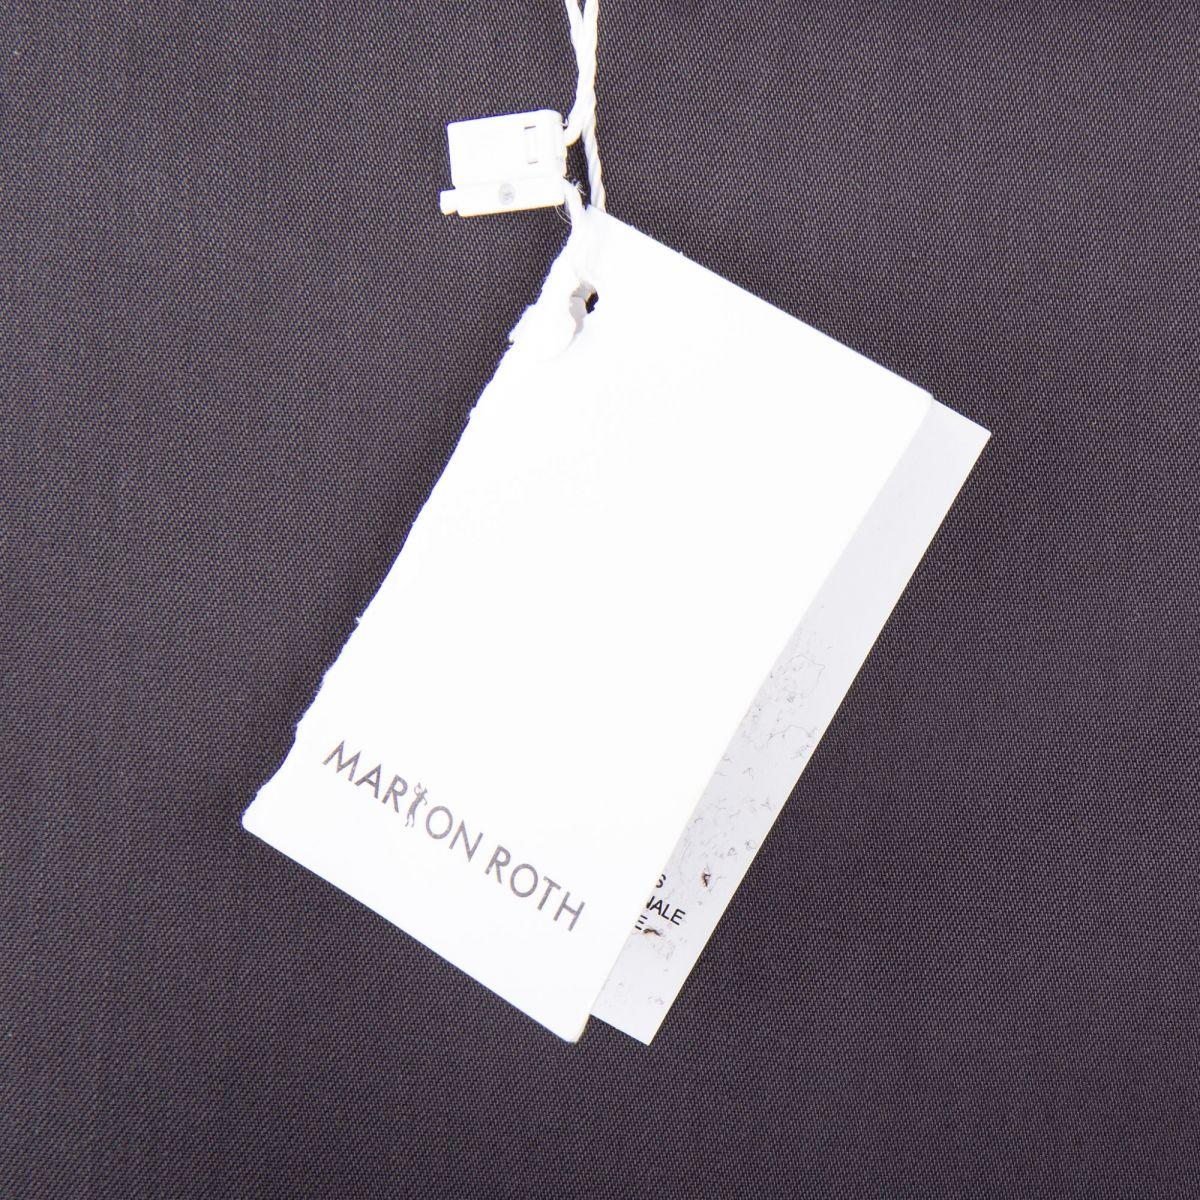 ... Pantalon de costume gris anthracite homme MARION ROTH marque pas cher  prix dégriffés destockage d4b98aa4930